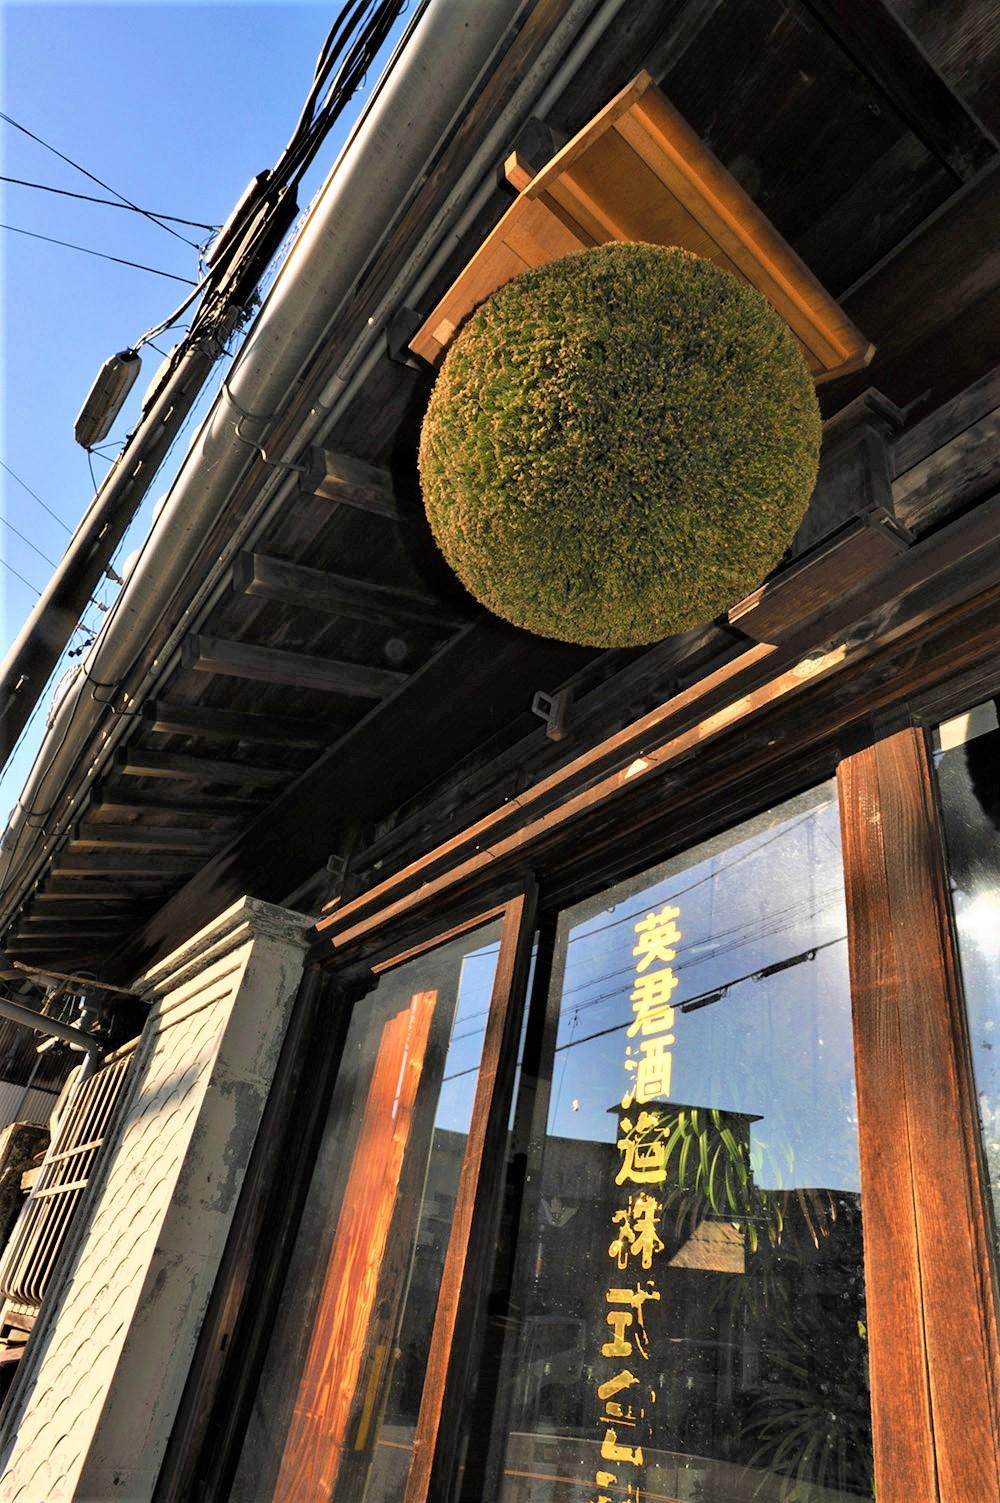 【日本酒】英君⛲スプラッシュ 純米にごり⛄生酒 仕込み第1号SPver 初回限定蔵出し 新酒令和1BY🆕_e0173738_15594811.jpg